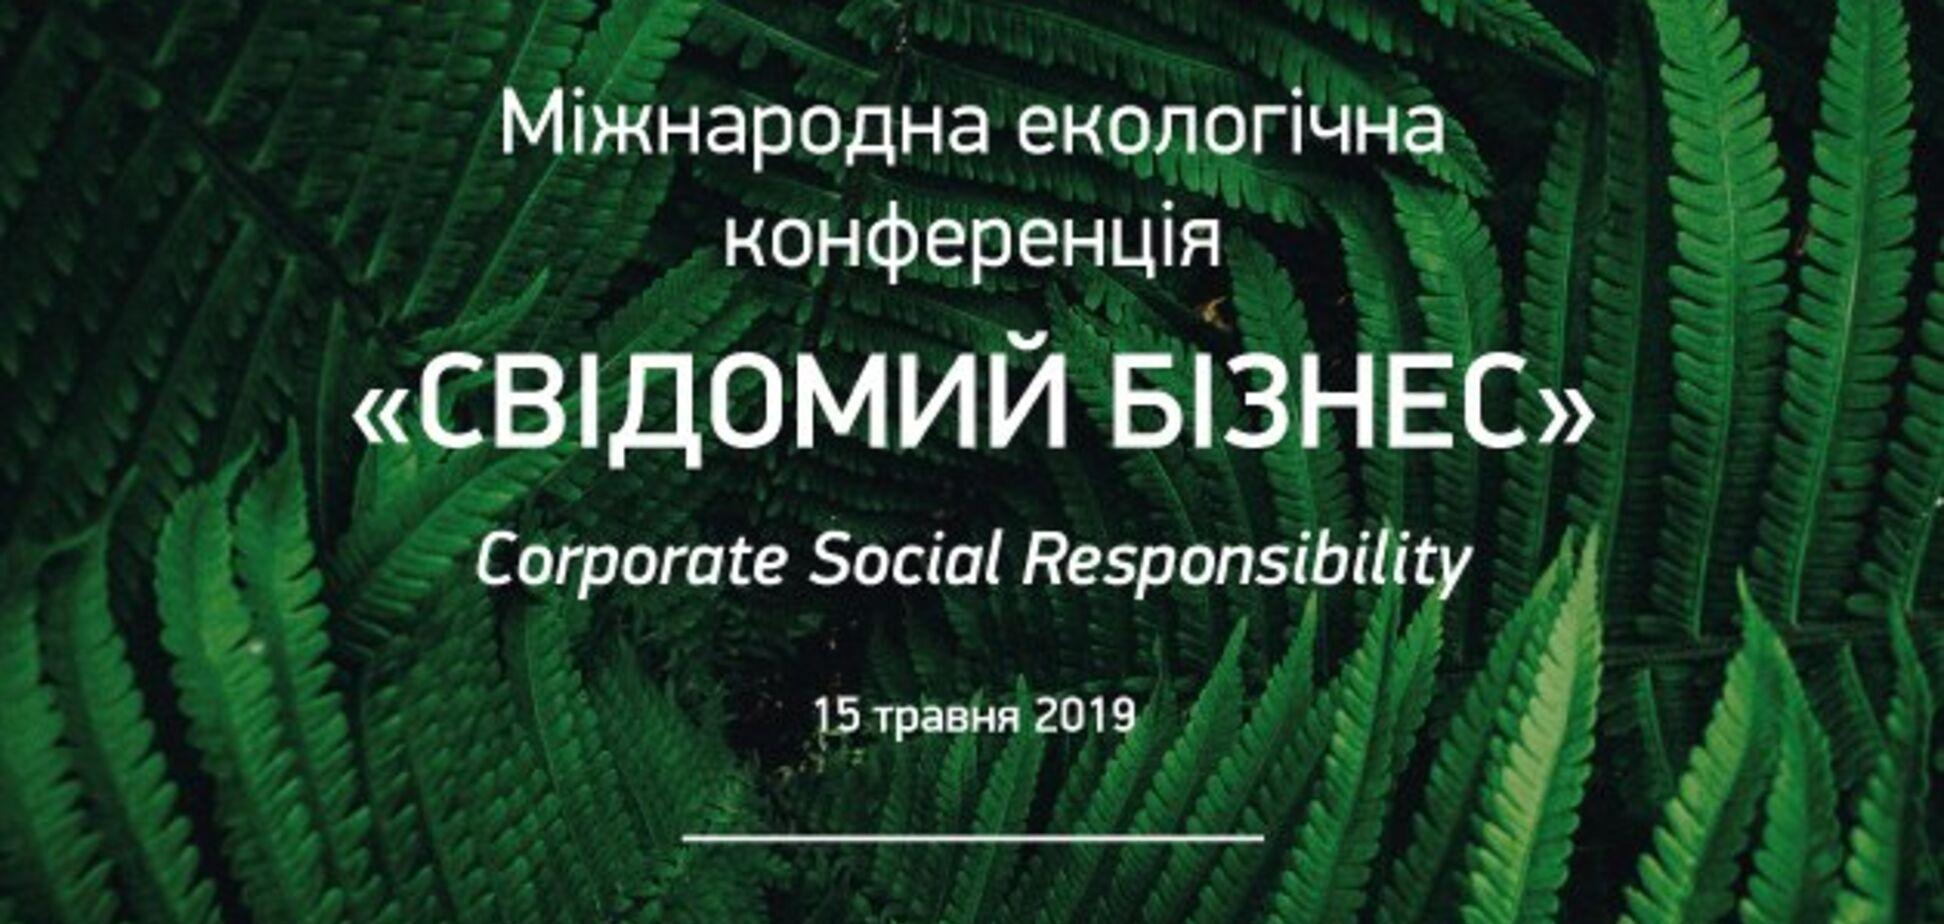 В Україні пройде міжнародна екологічна конференція 'Усвідомлений бізнес'